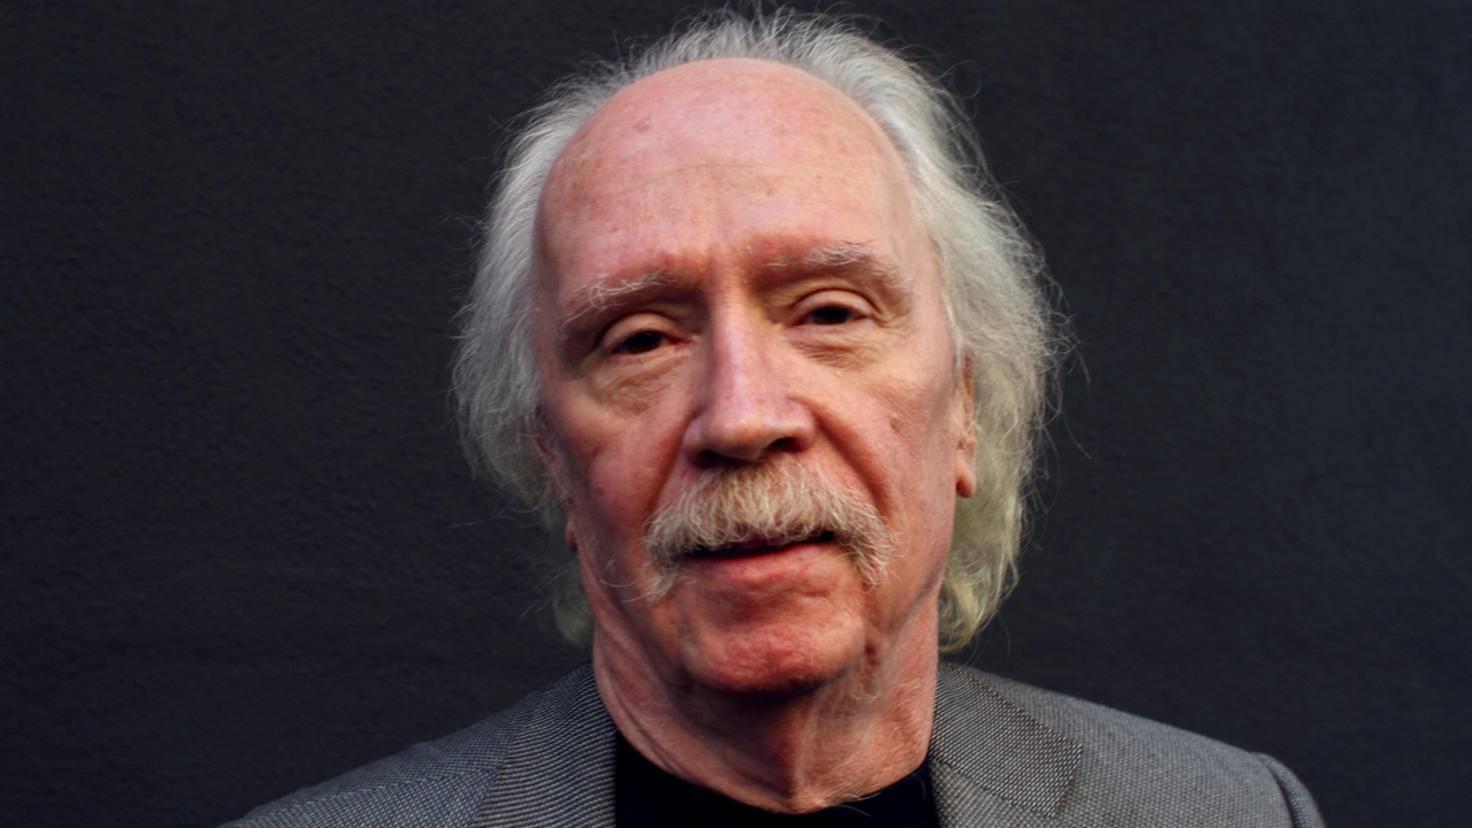 John Carpenter schreibt jetzt Soundtracks, aber keine Filme mehr dazu.